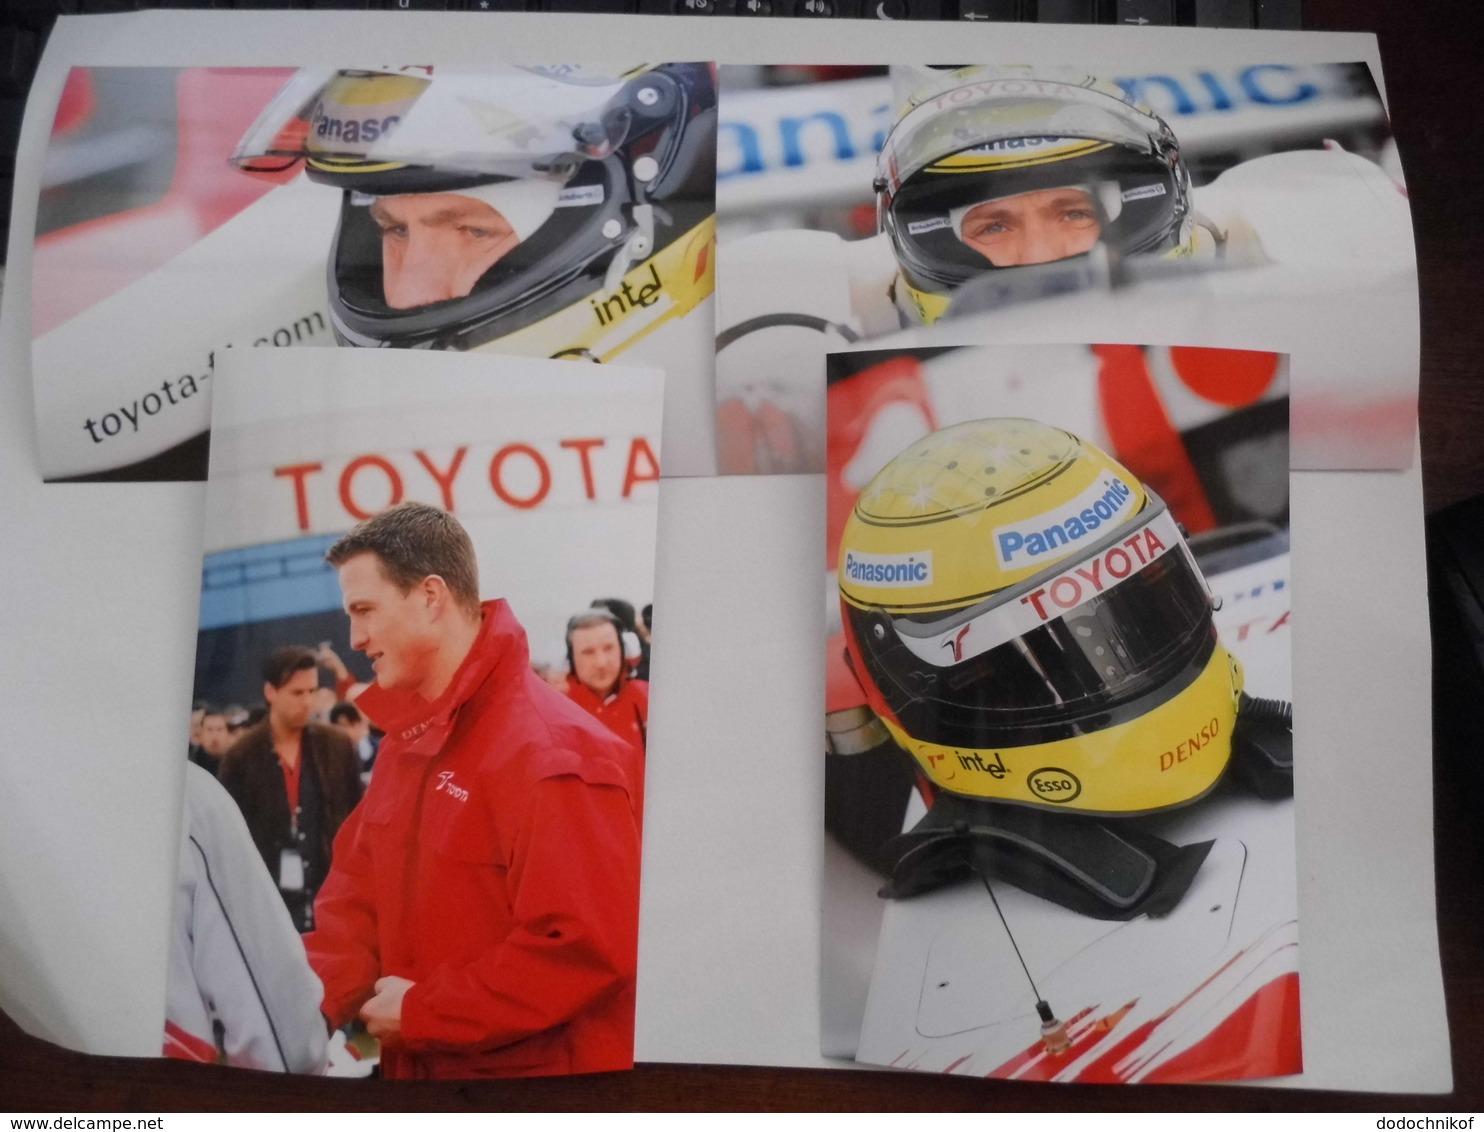 4 Photos De Ralf Schumacher - F1 TOYOTA - Photo Très RARE - Automobile - F1